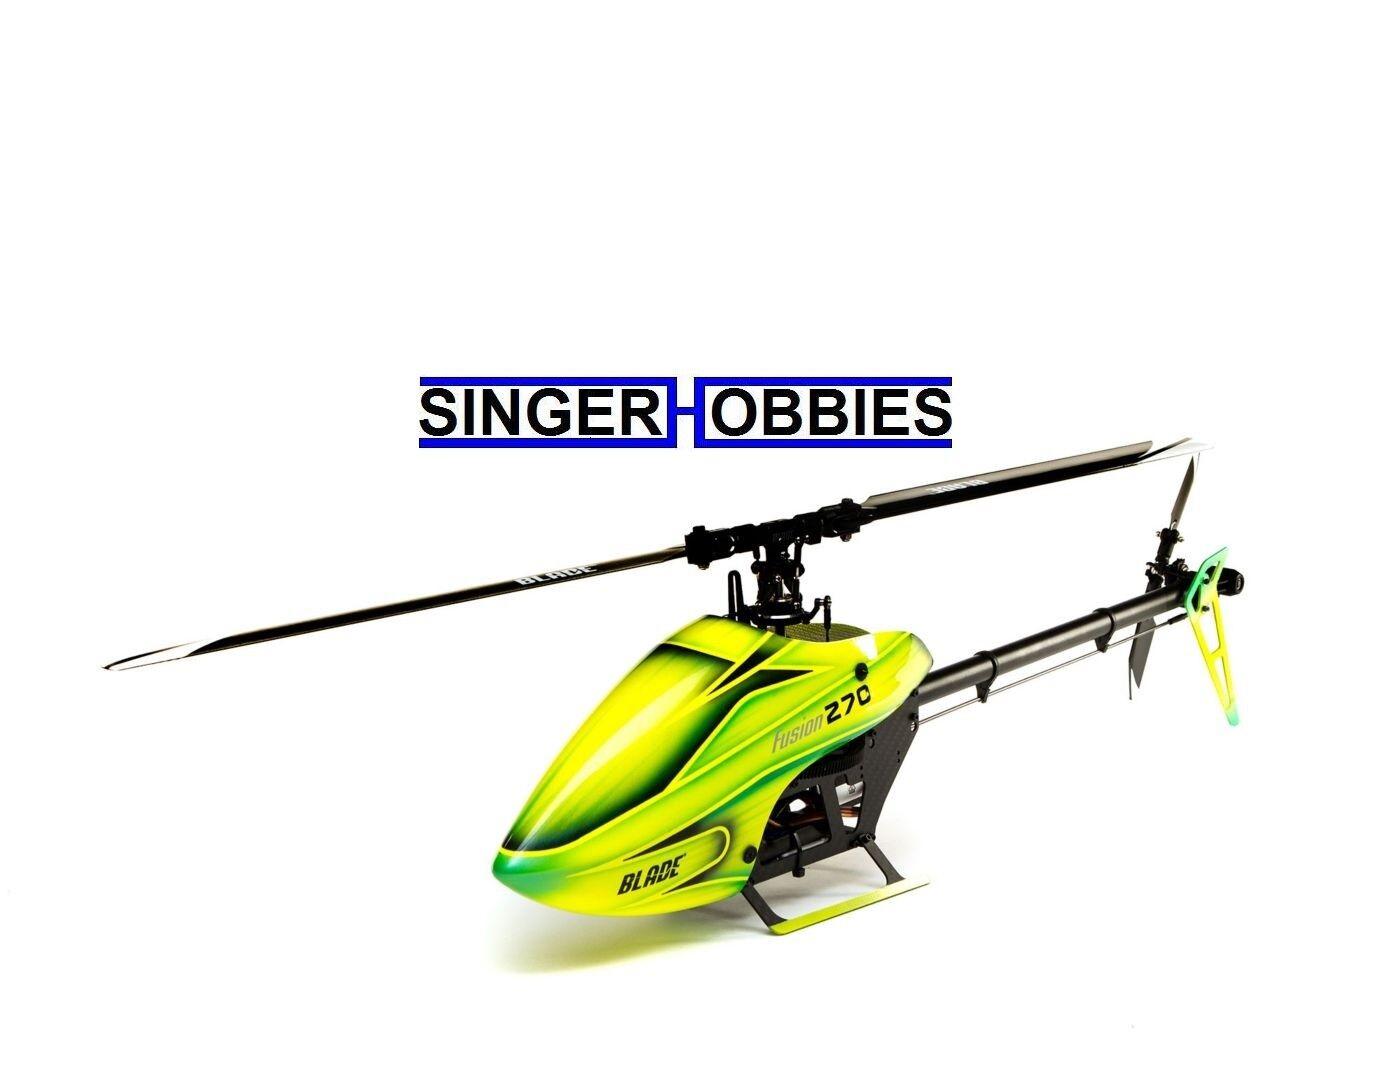 E-FLITE BLADE Fusion 270 ARF RC helicóptero BLH5360 HH